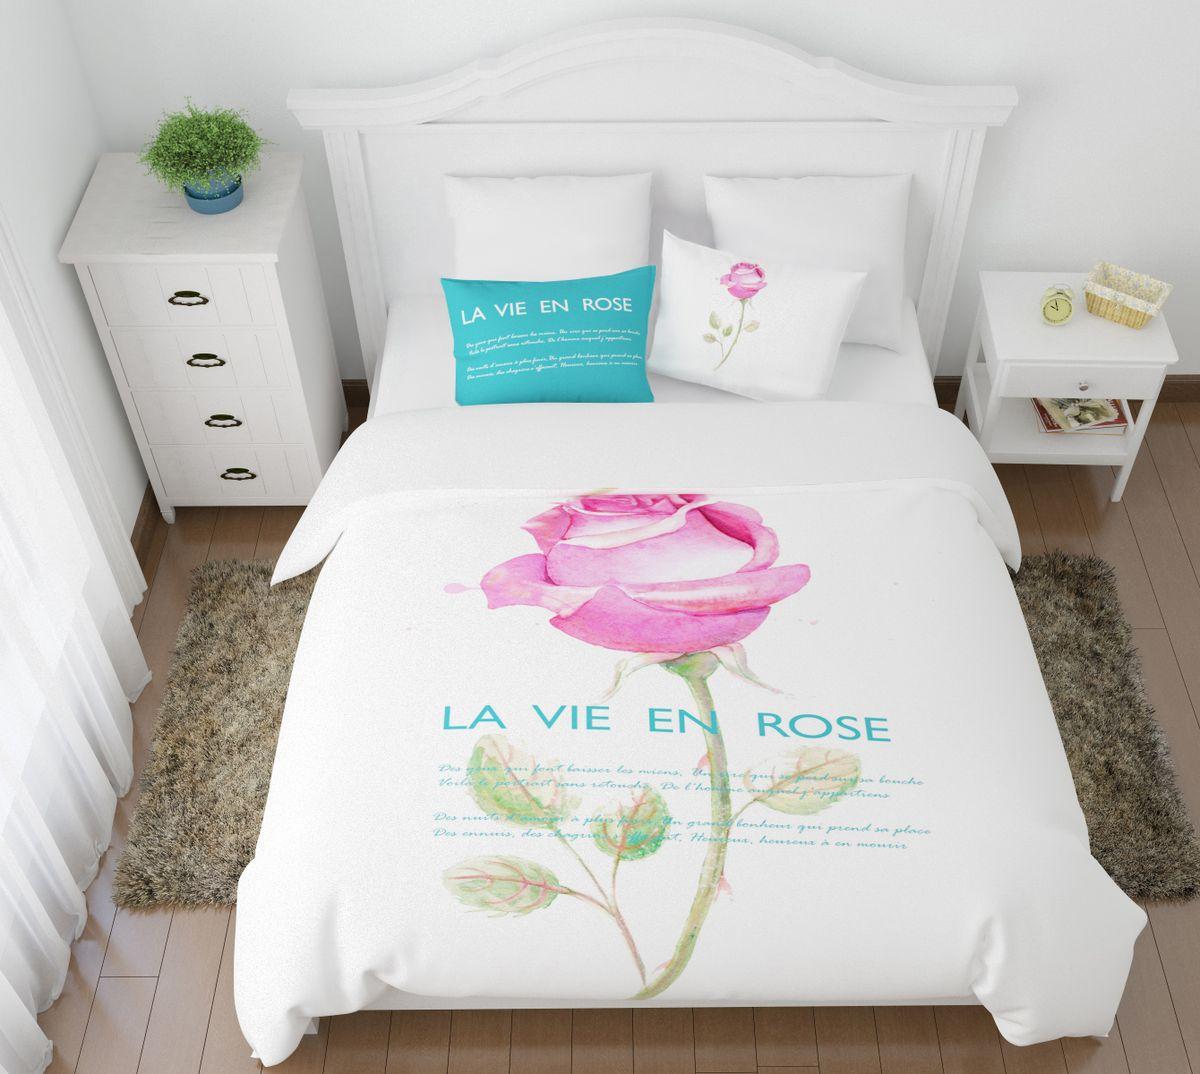 Комплект белья Сирень Жизнь в розовом цвете, 1,5-спальный, наволочки 50x7008443-КПБ-МКомплект постельного белья Сирень состоит из простыни, пододеяльника и 2 наволочек. Комплект выполнен из современных гипоаллергенных материалов. Приятный при прикосновении сатин - гарантия здорового, спокойного сна. Ткань хорошо впитывает влагу, надолго сохраняет яркость красок. Четкий, изящный рисунок в сочетании с насыщенными красками делает комплект постельного белья неповторимой изюминкой любого интерьера. Постельное белье идеально подойдет для подарка.